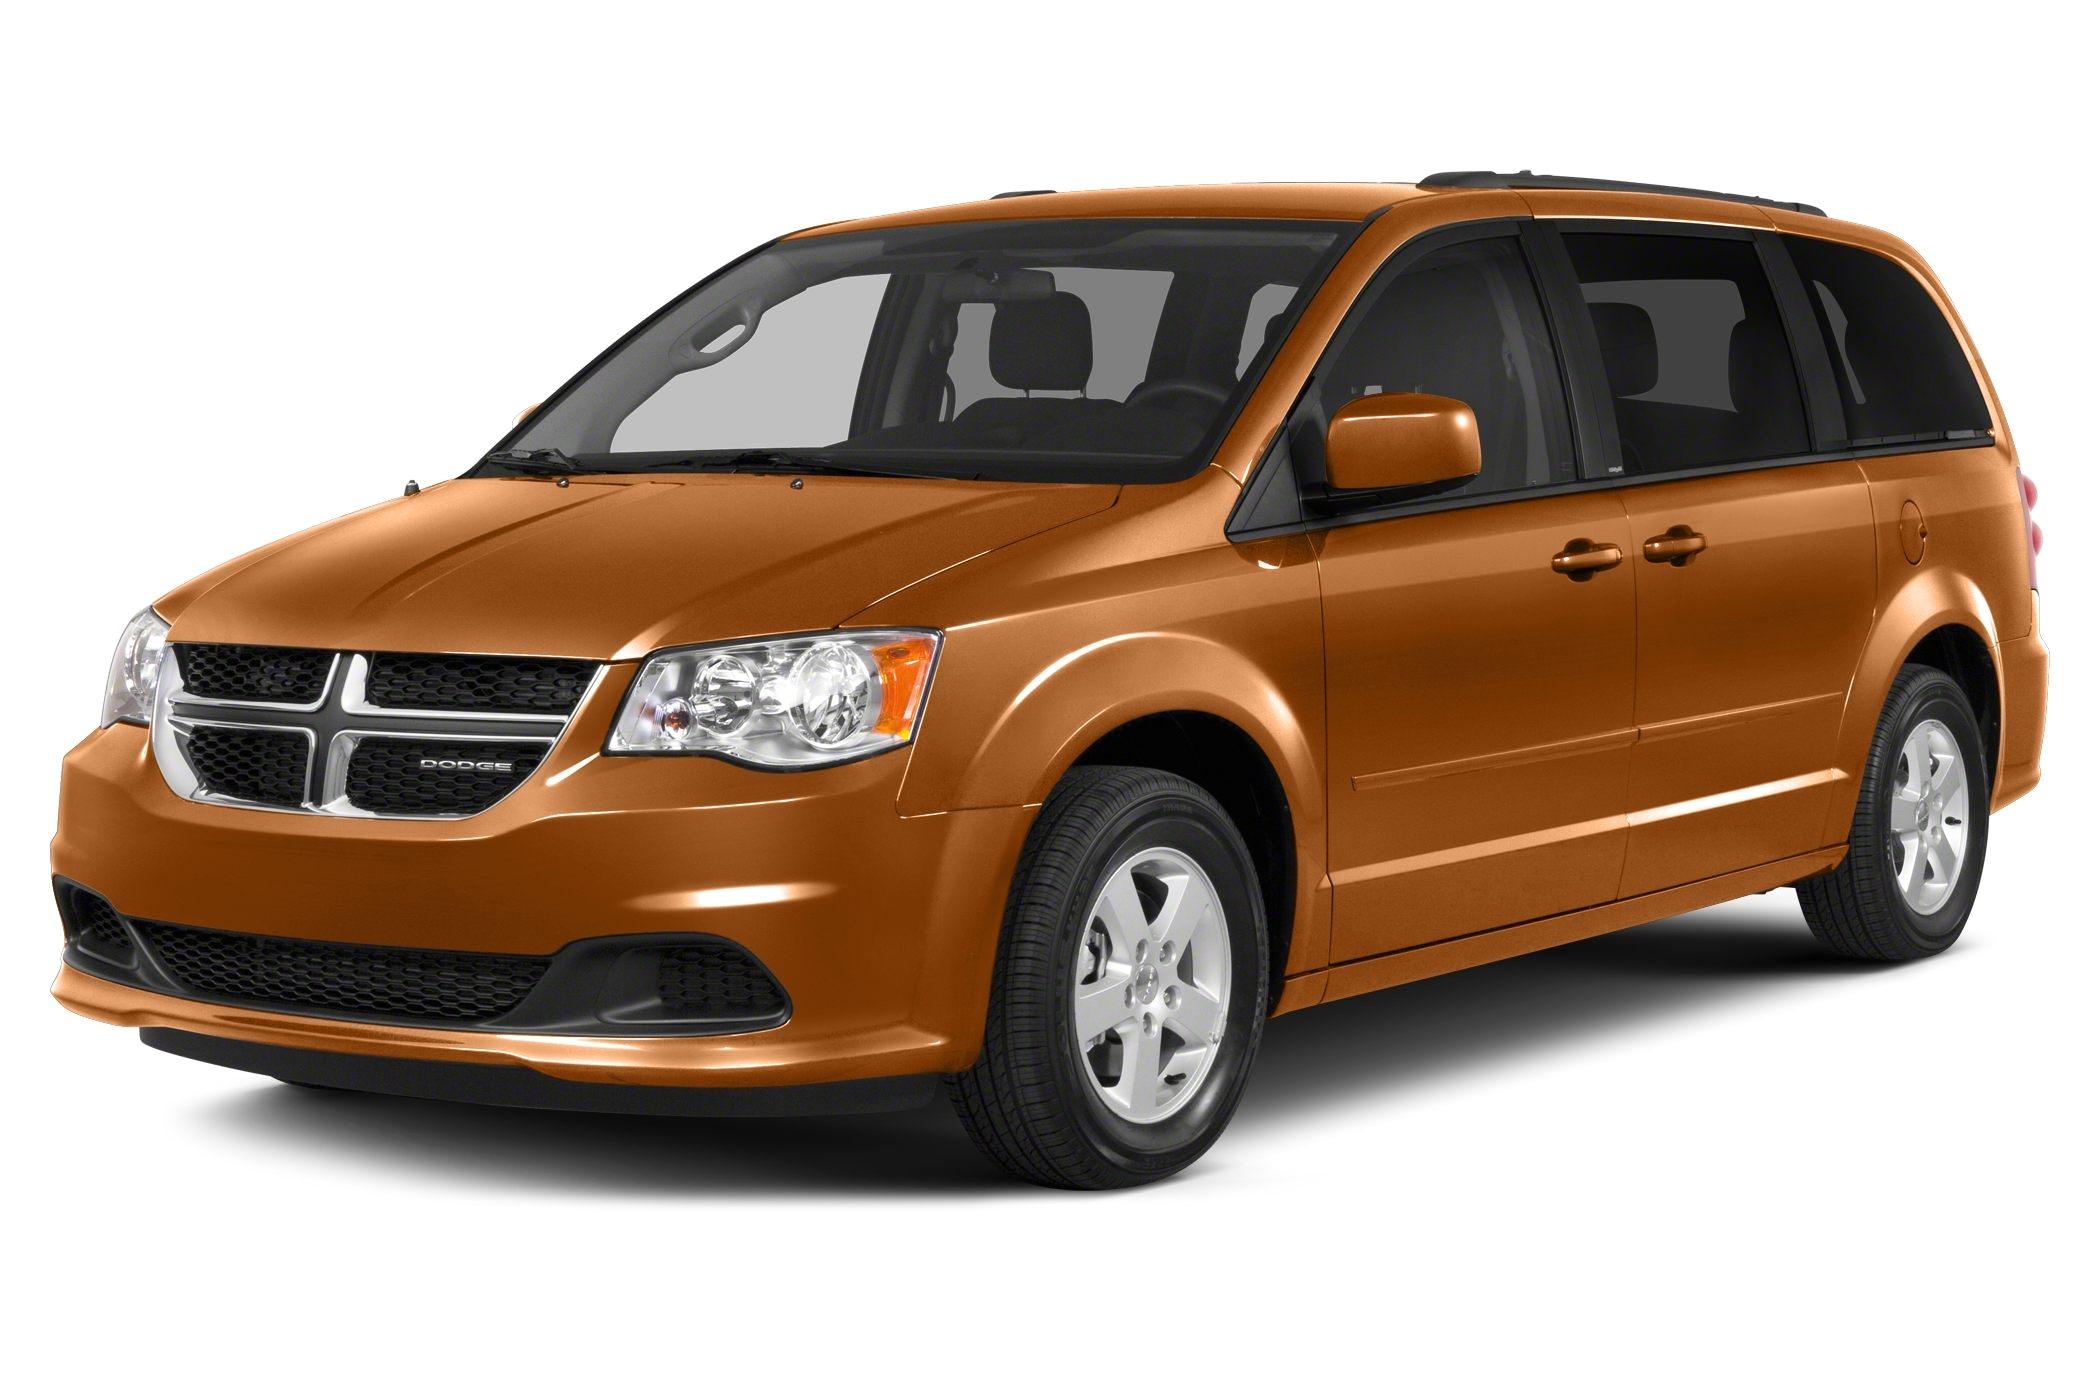 2015 Dodge Caravan Roof Rack 2015 Dodge Grand Caravan Information